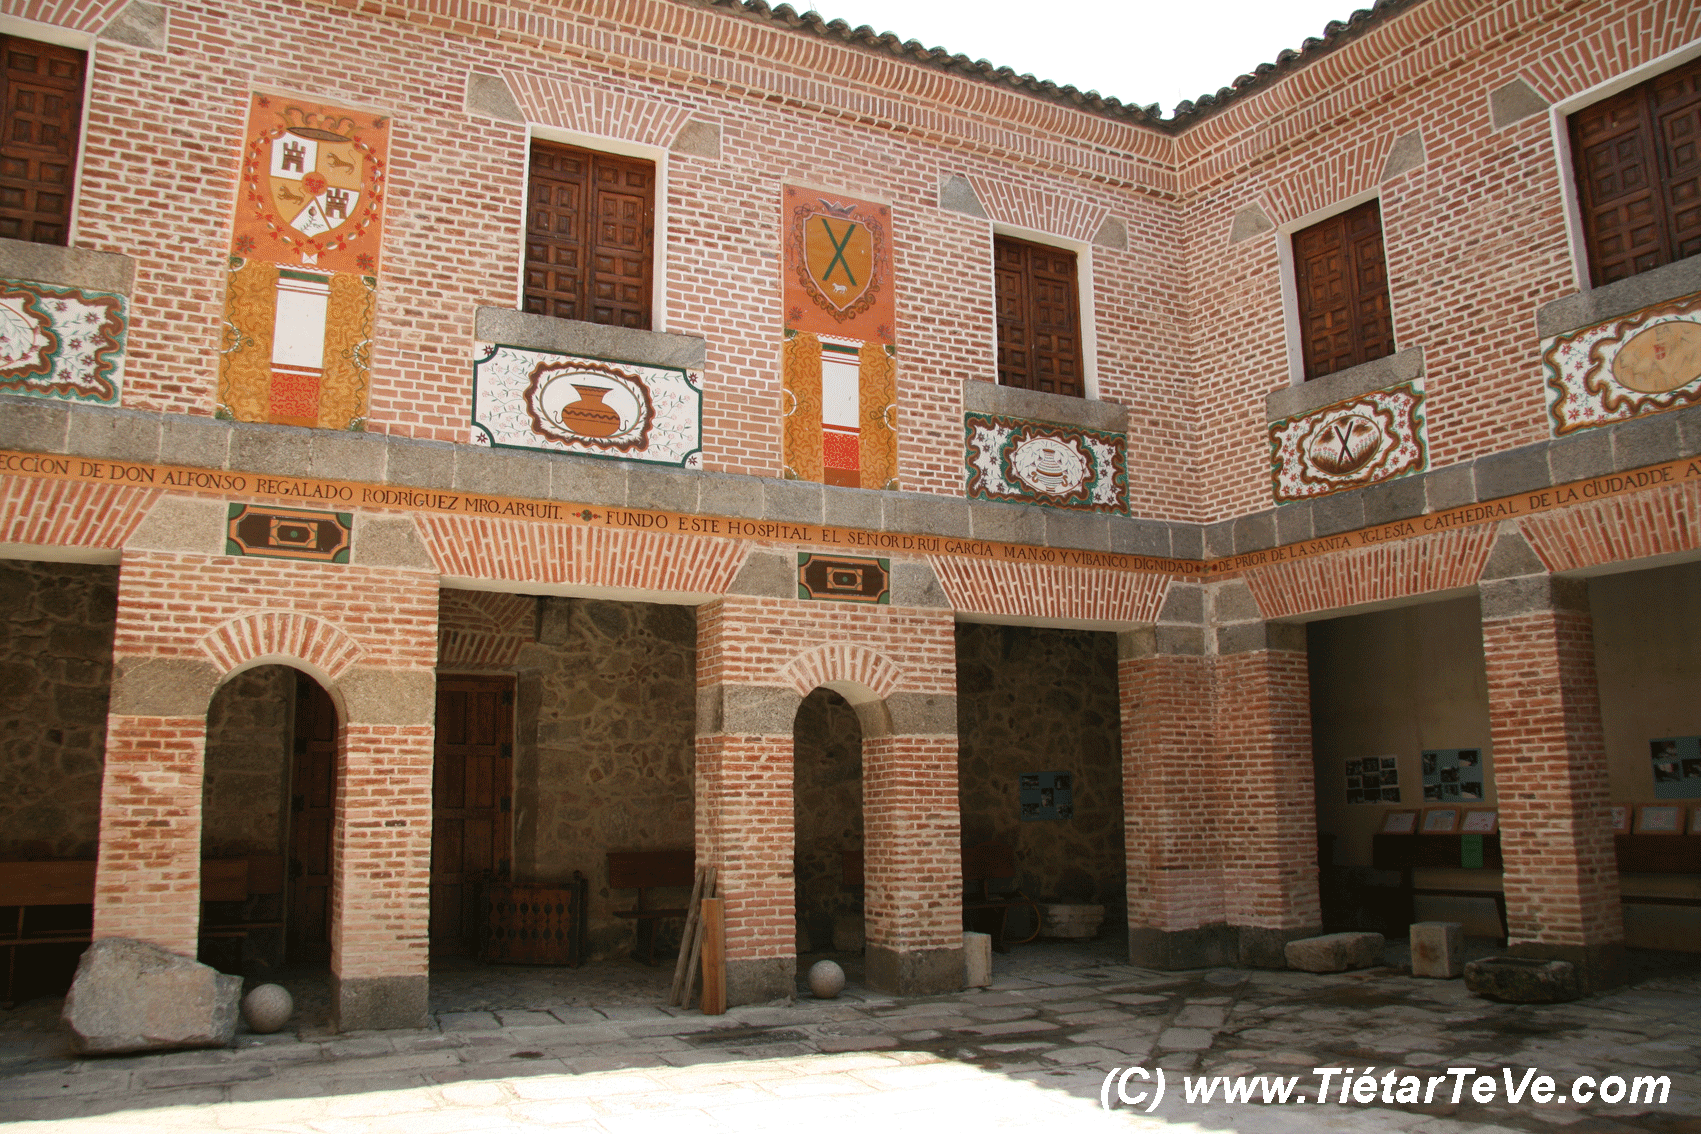 Bienes de Interés Cultural - Patio Interior del Hospital de San Andrés en Mombeltrán